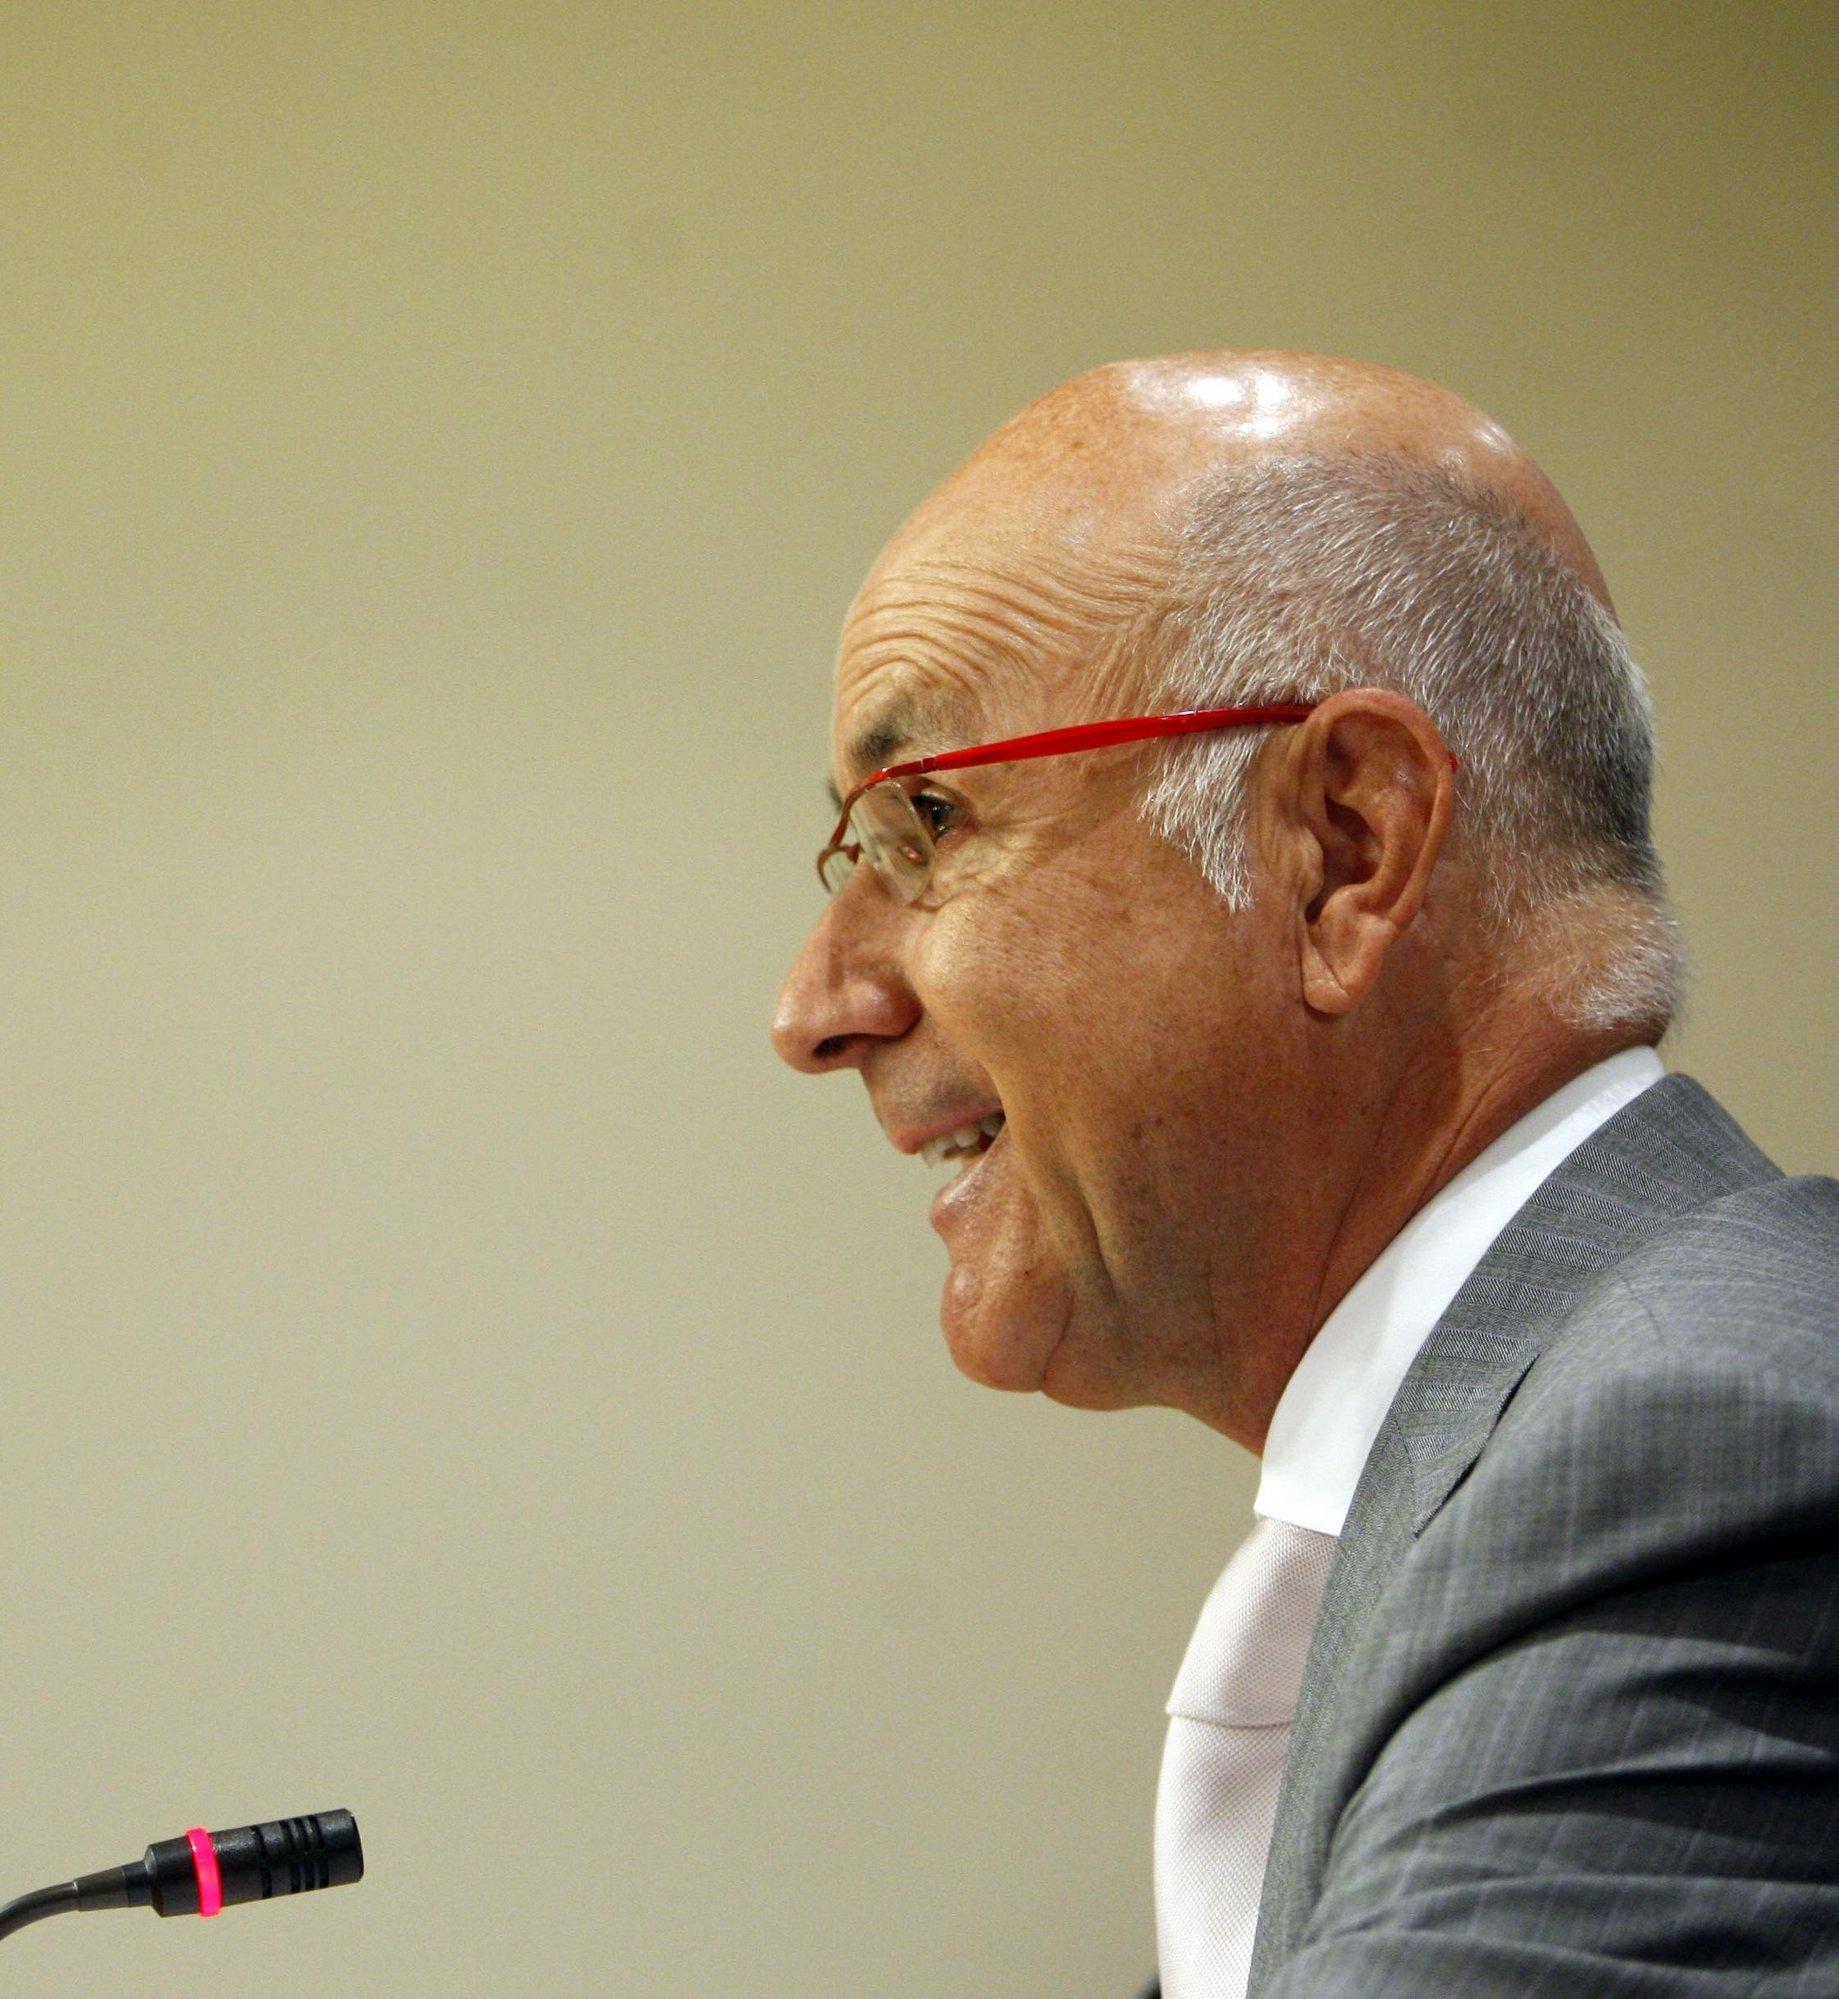 CiU rechaza la propuesta de reformar el paro porque «no sería justo» un cambio por interés particular